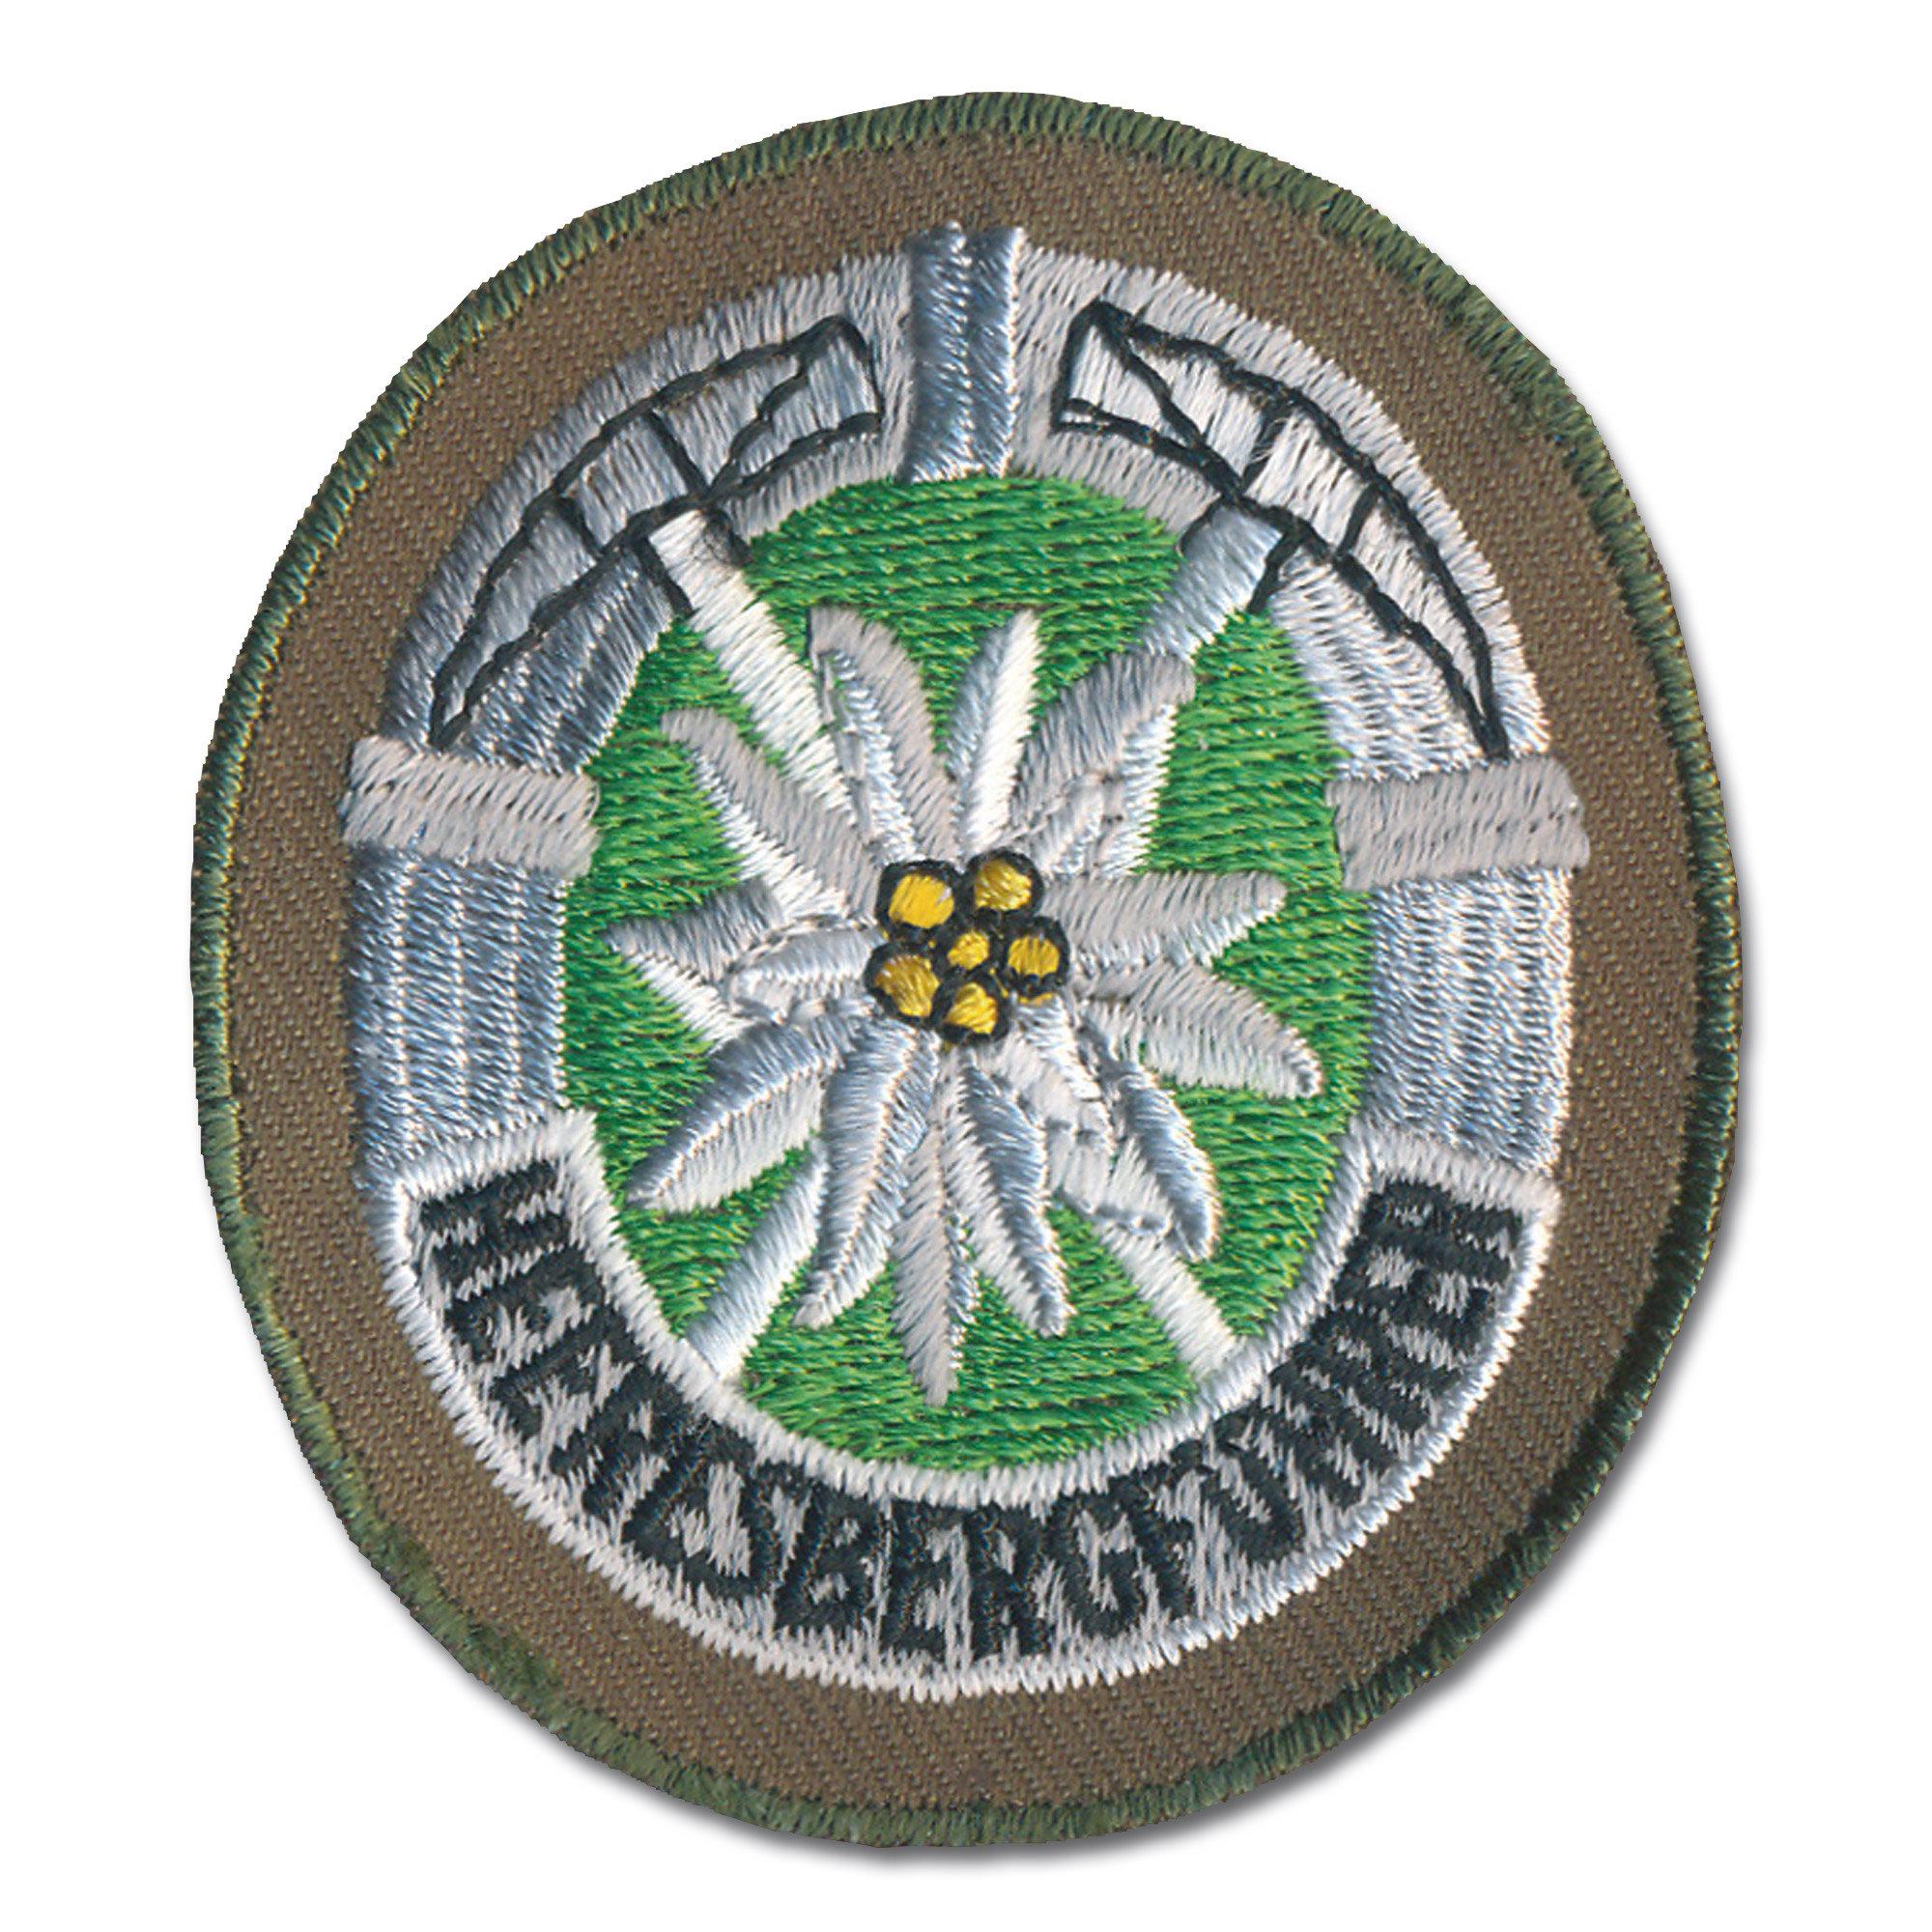 Distintivo di servizio militare alpino Bw oliva